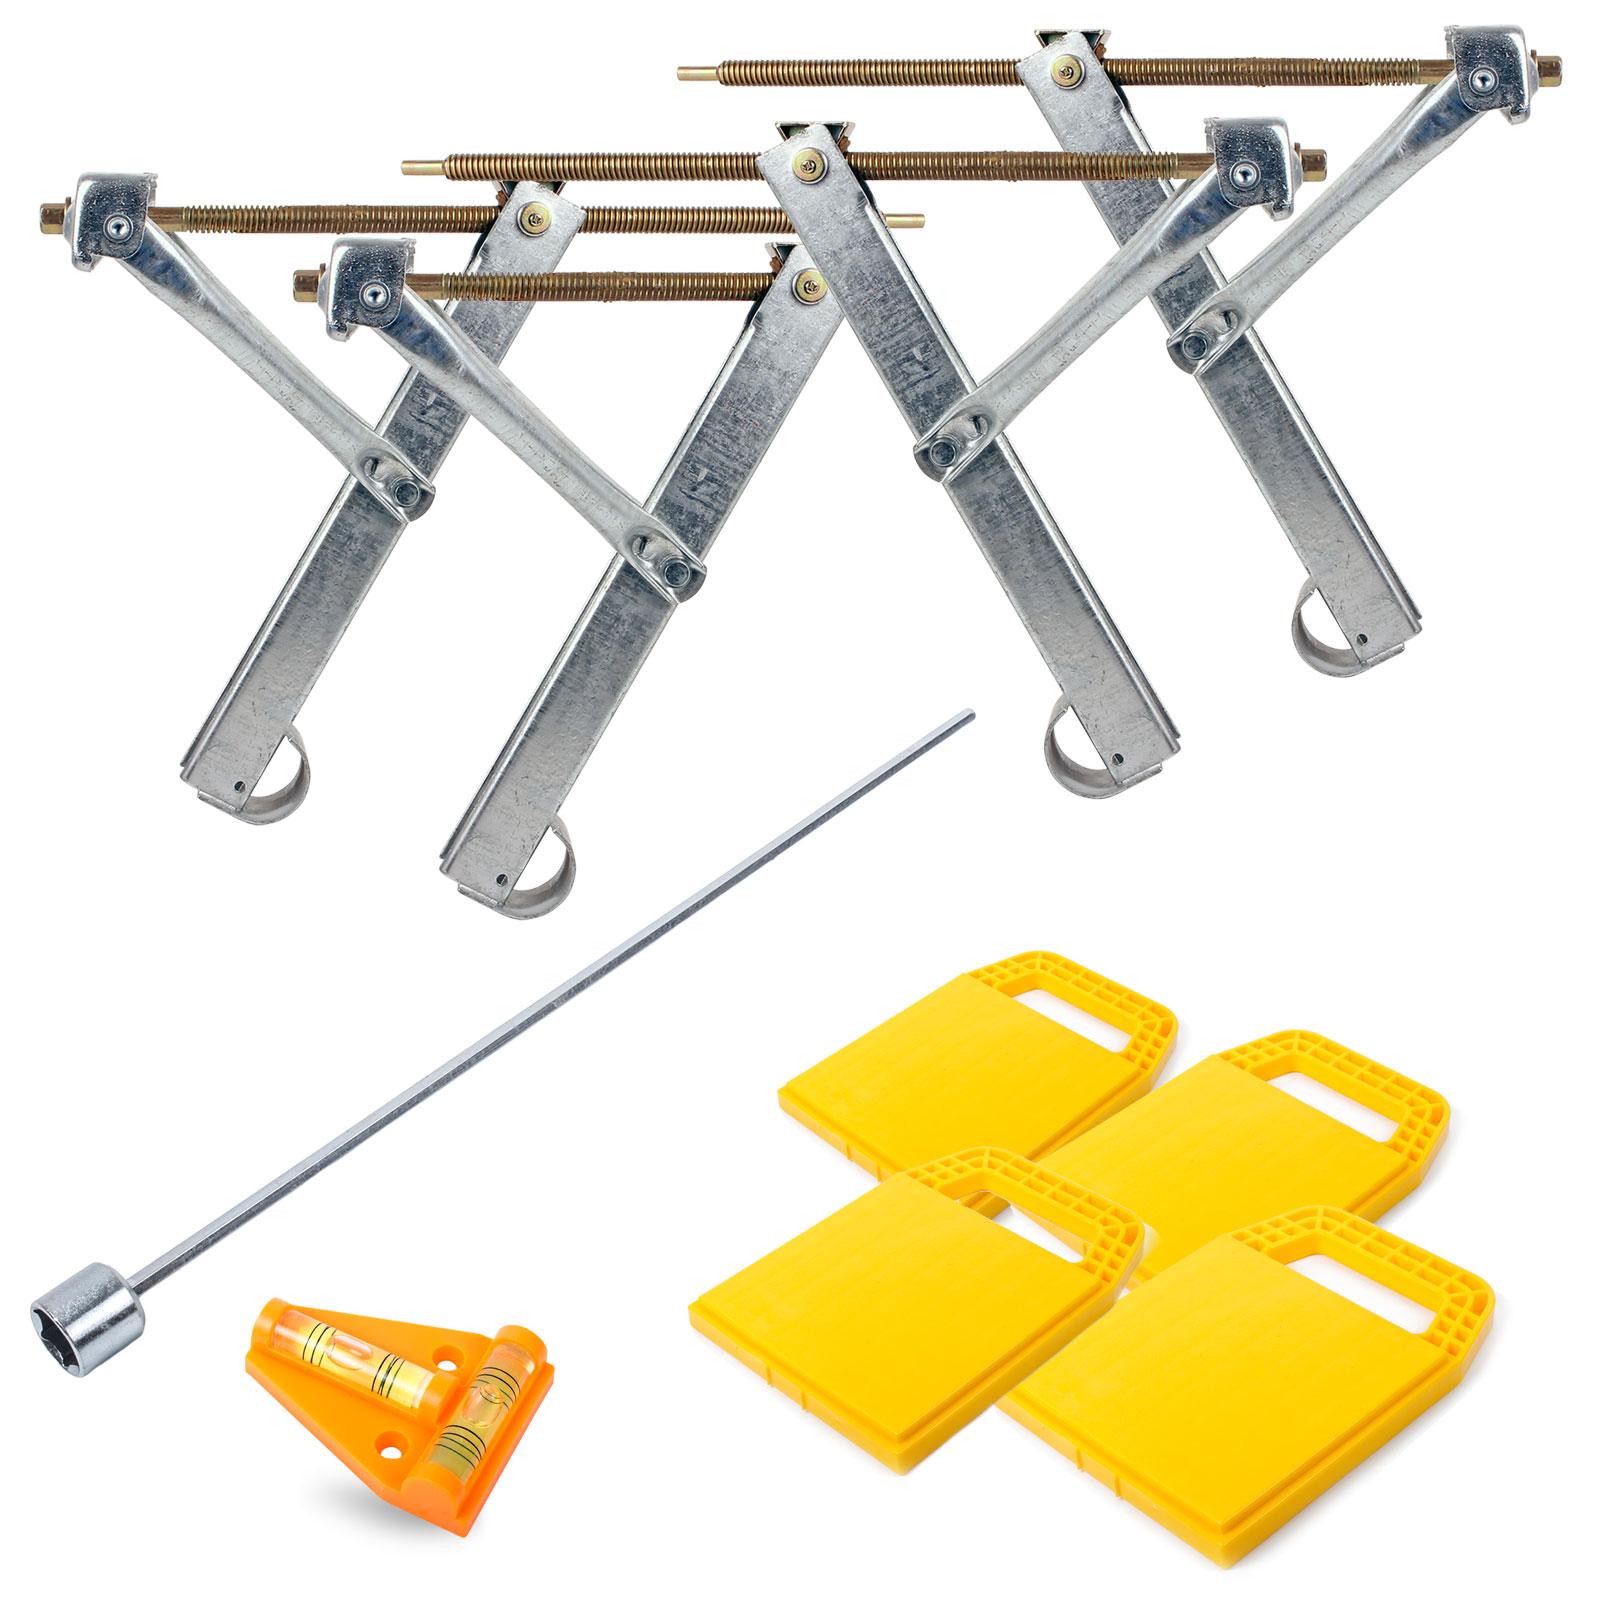 Ausdrehstützen 4 Stück + Akkuschrauberaufsatz + Camco Stützplatten + Wasserwaage